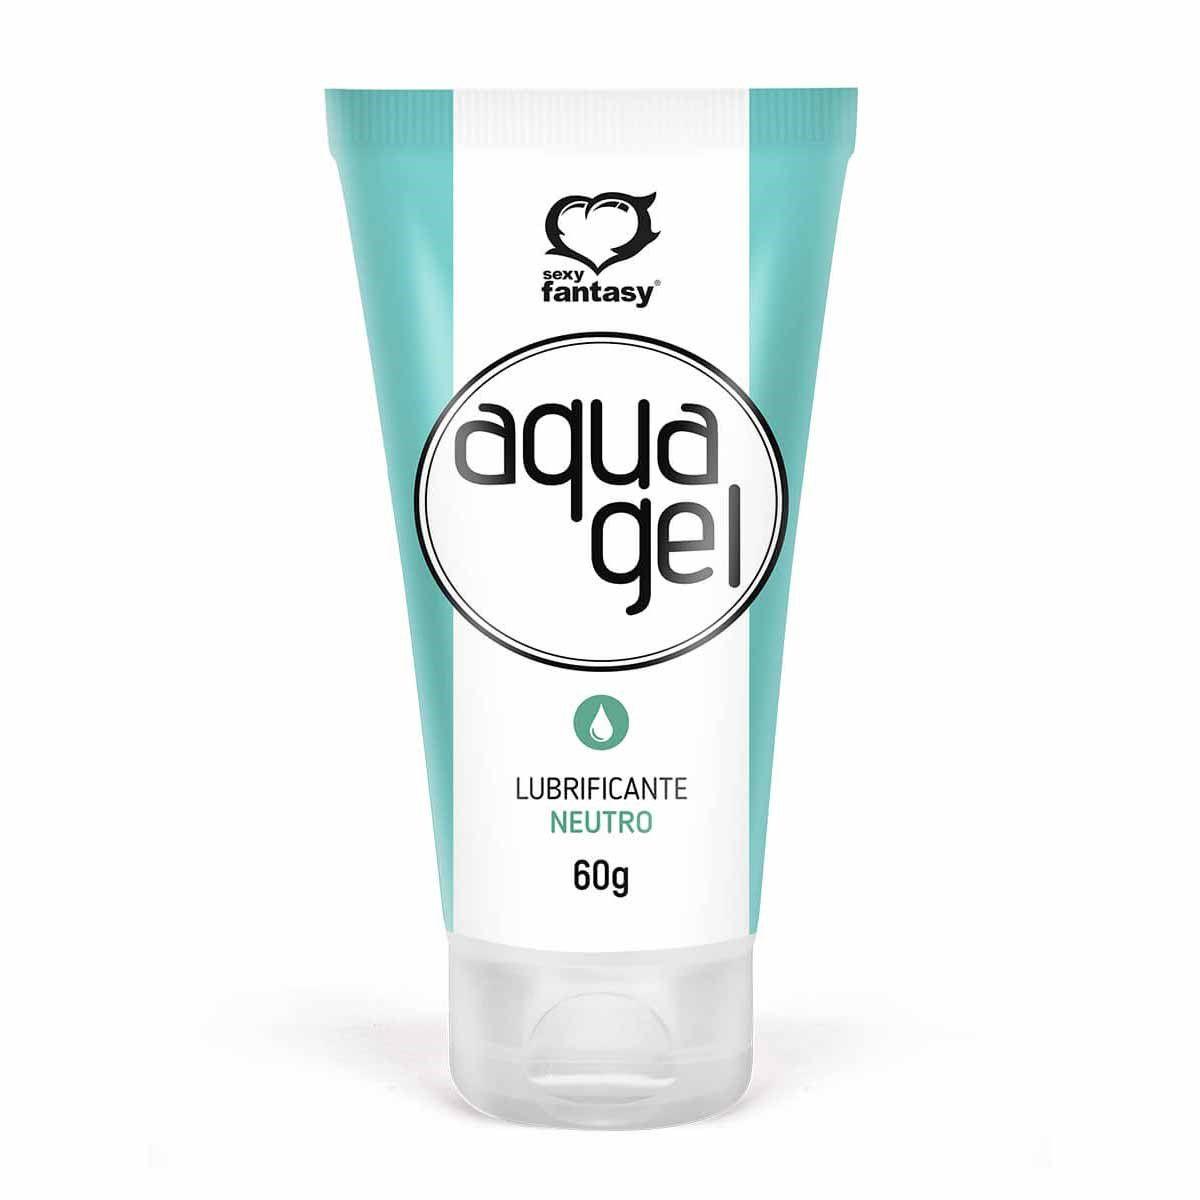 Gel Lubrificante Aqua Gel 60g Neutro - Sexy Fantasy